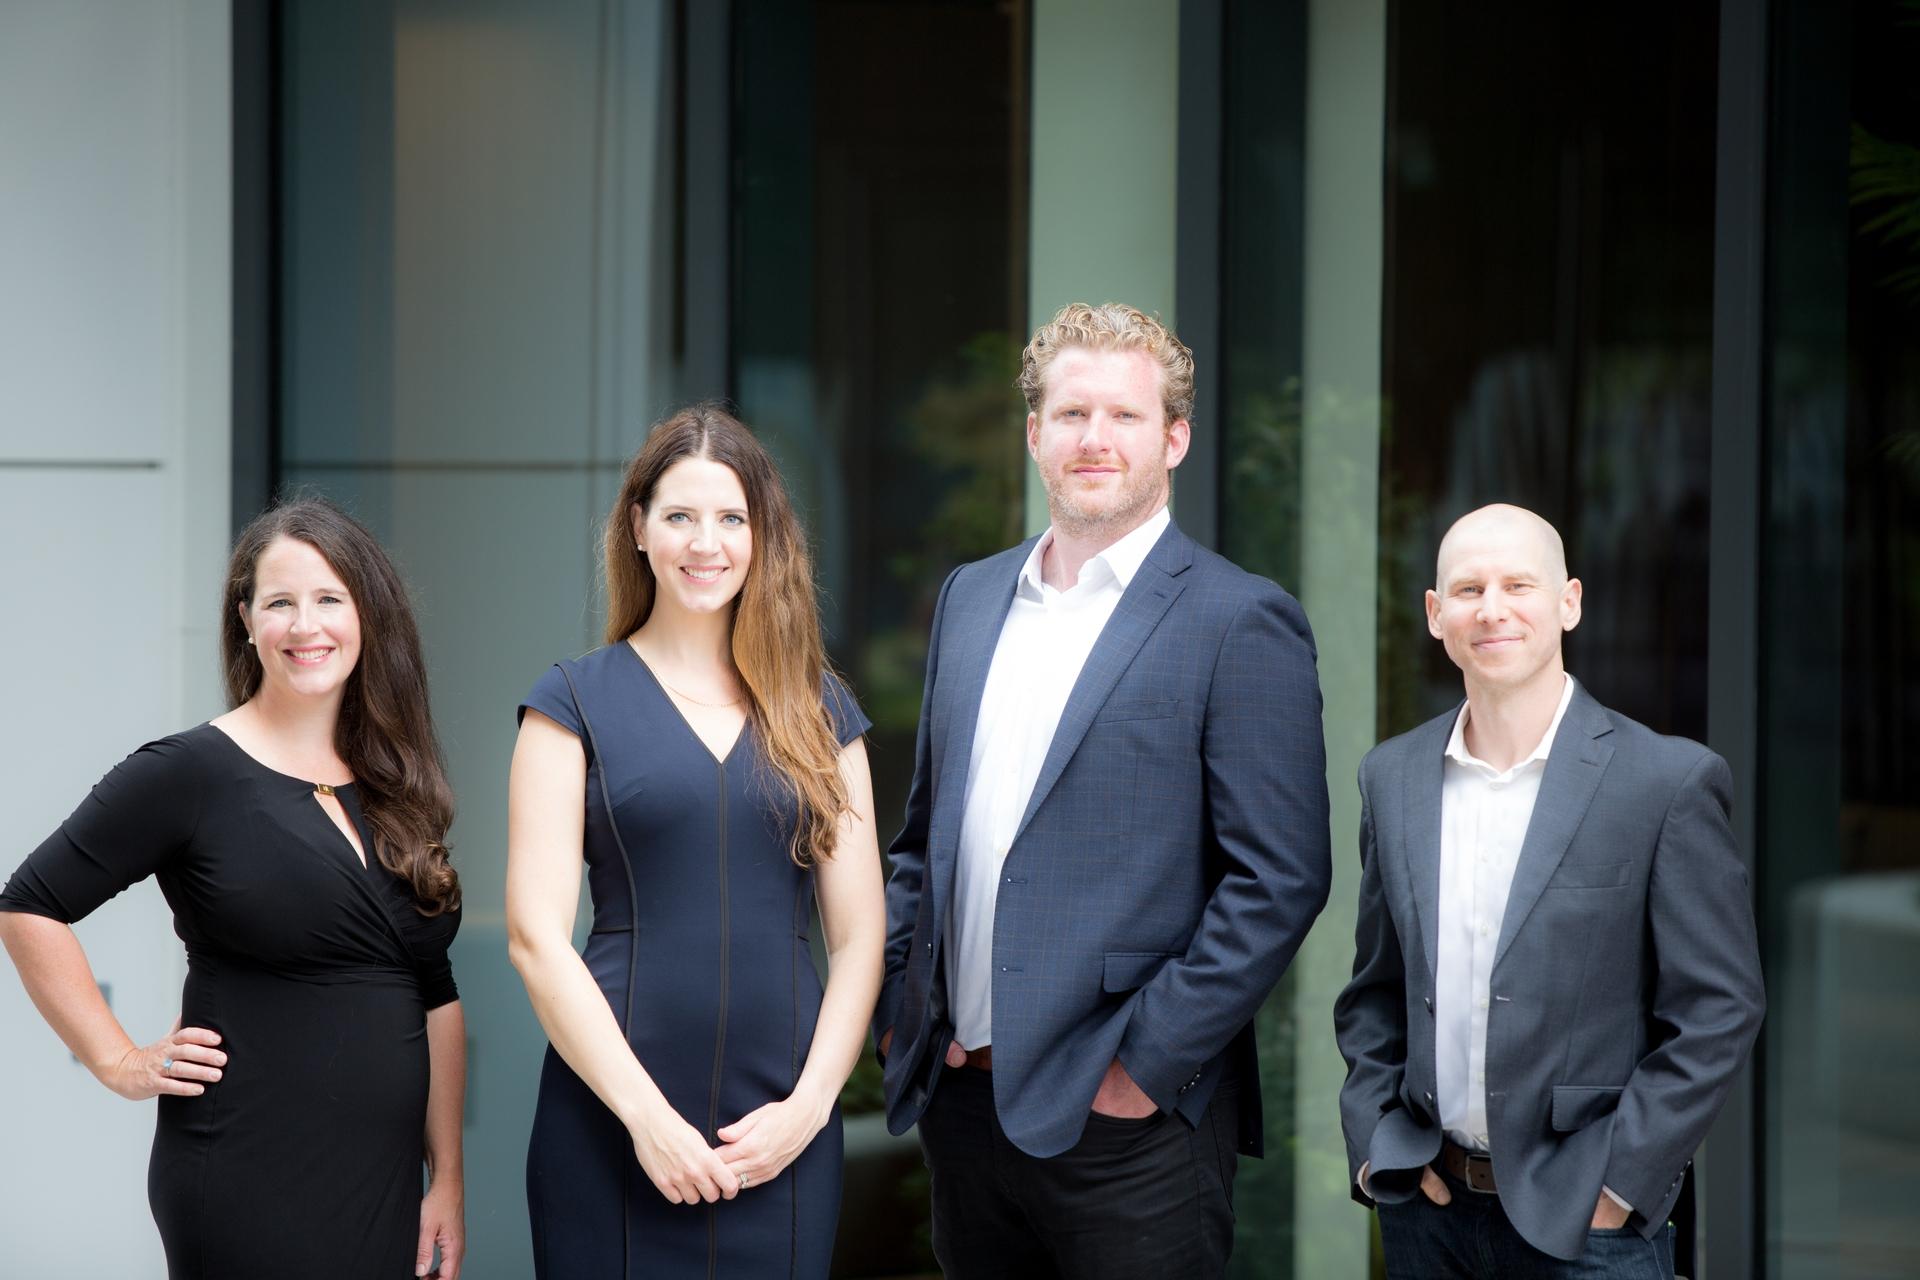 Membres de l'équipe de Takaya Technology Dre Susan Ripley, Erin MacKean, Andrew MacKean et Lee Babin